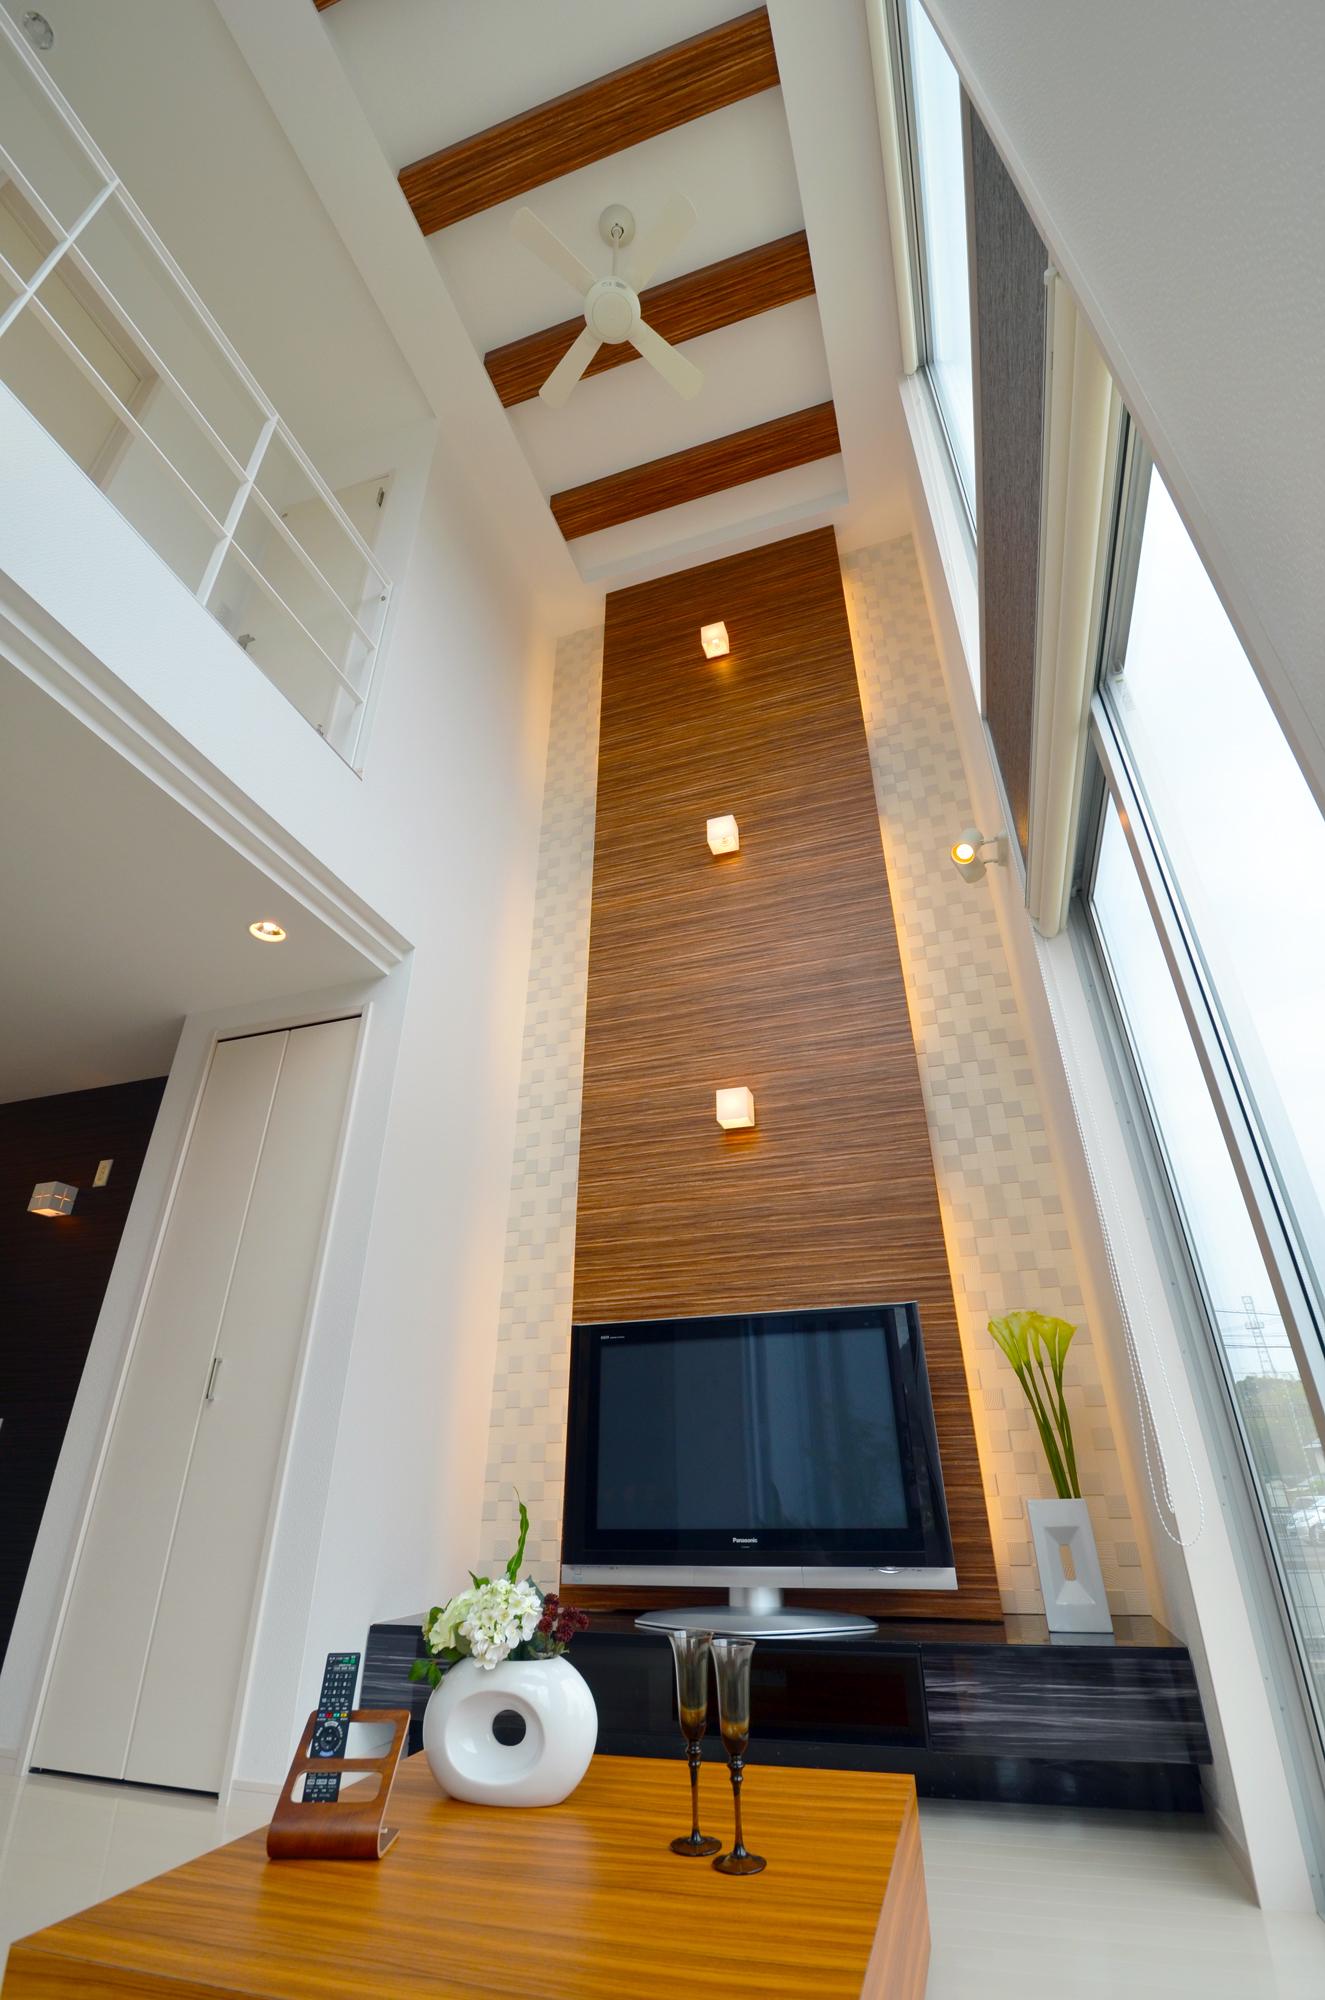 吹抜けで繋がる家族の絆!空間設計に技ありのデザイナーズハウス